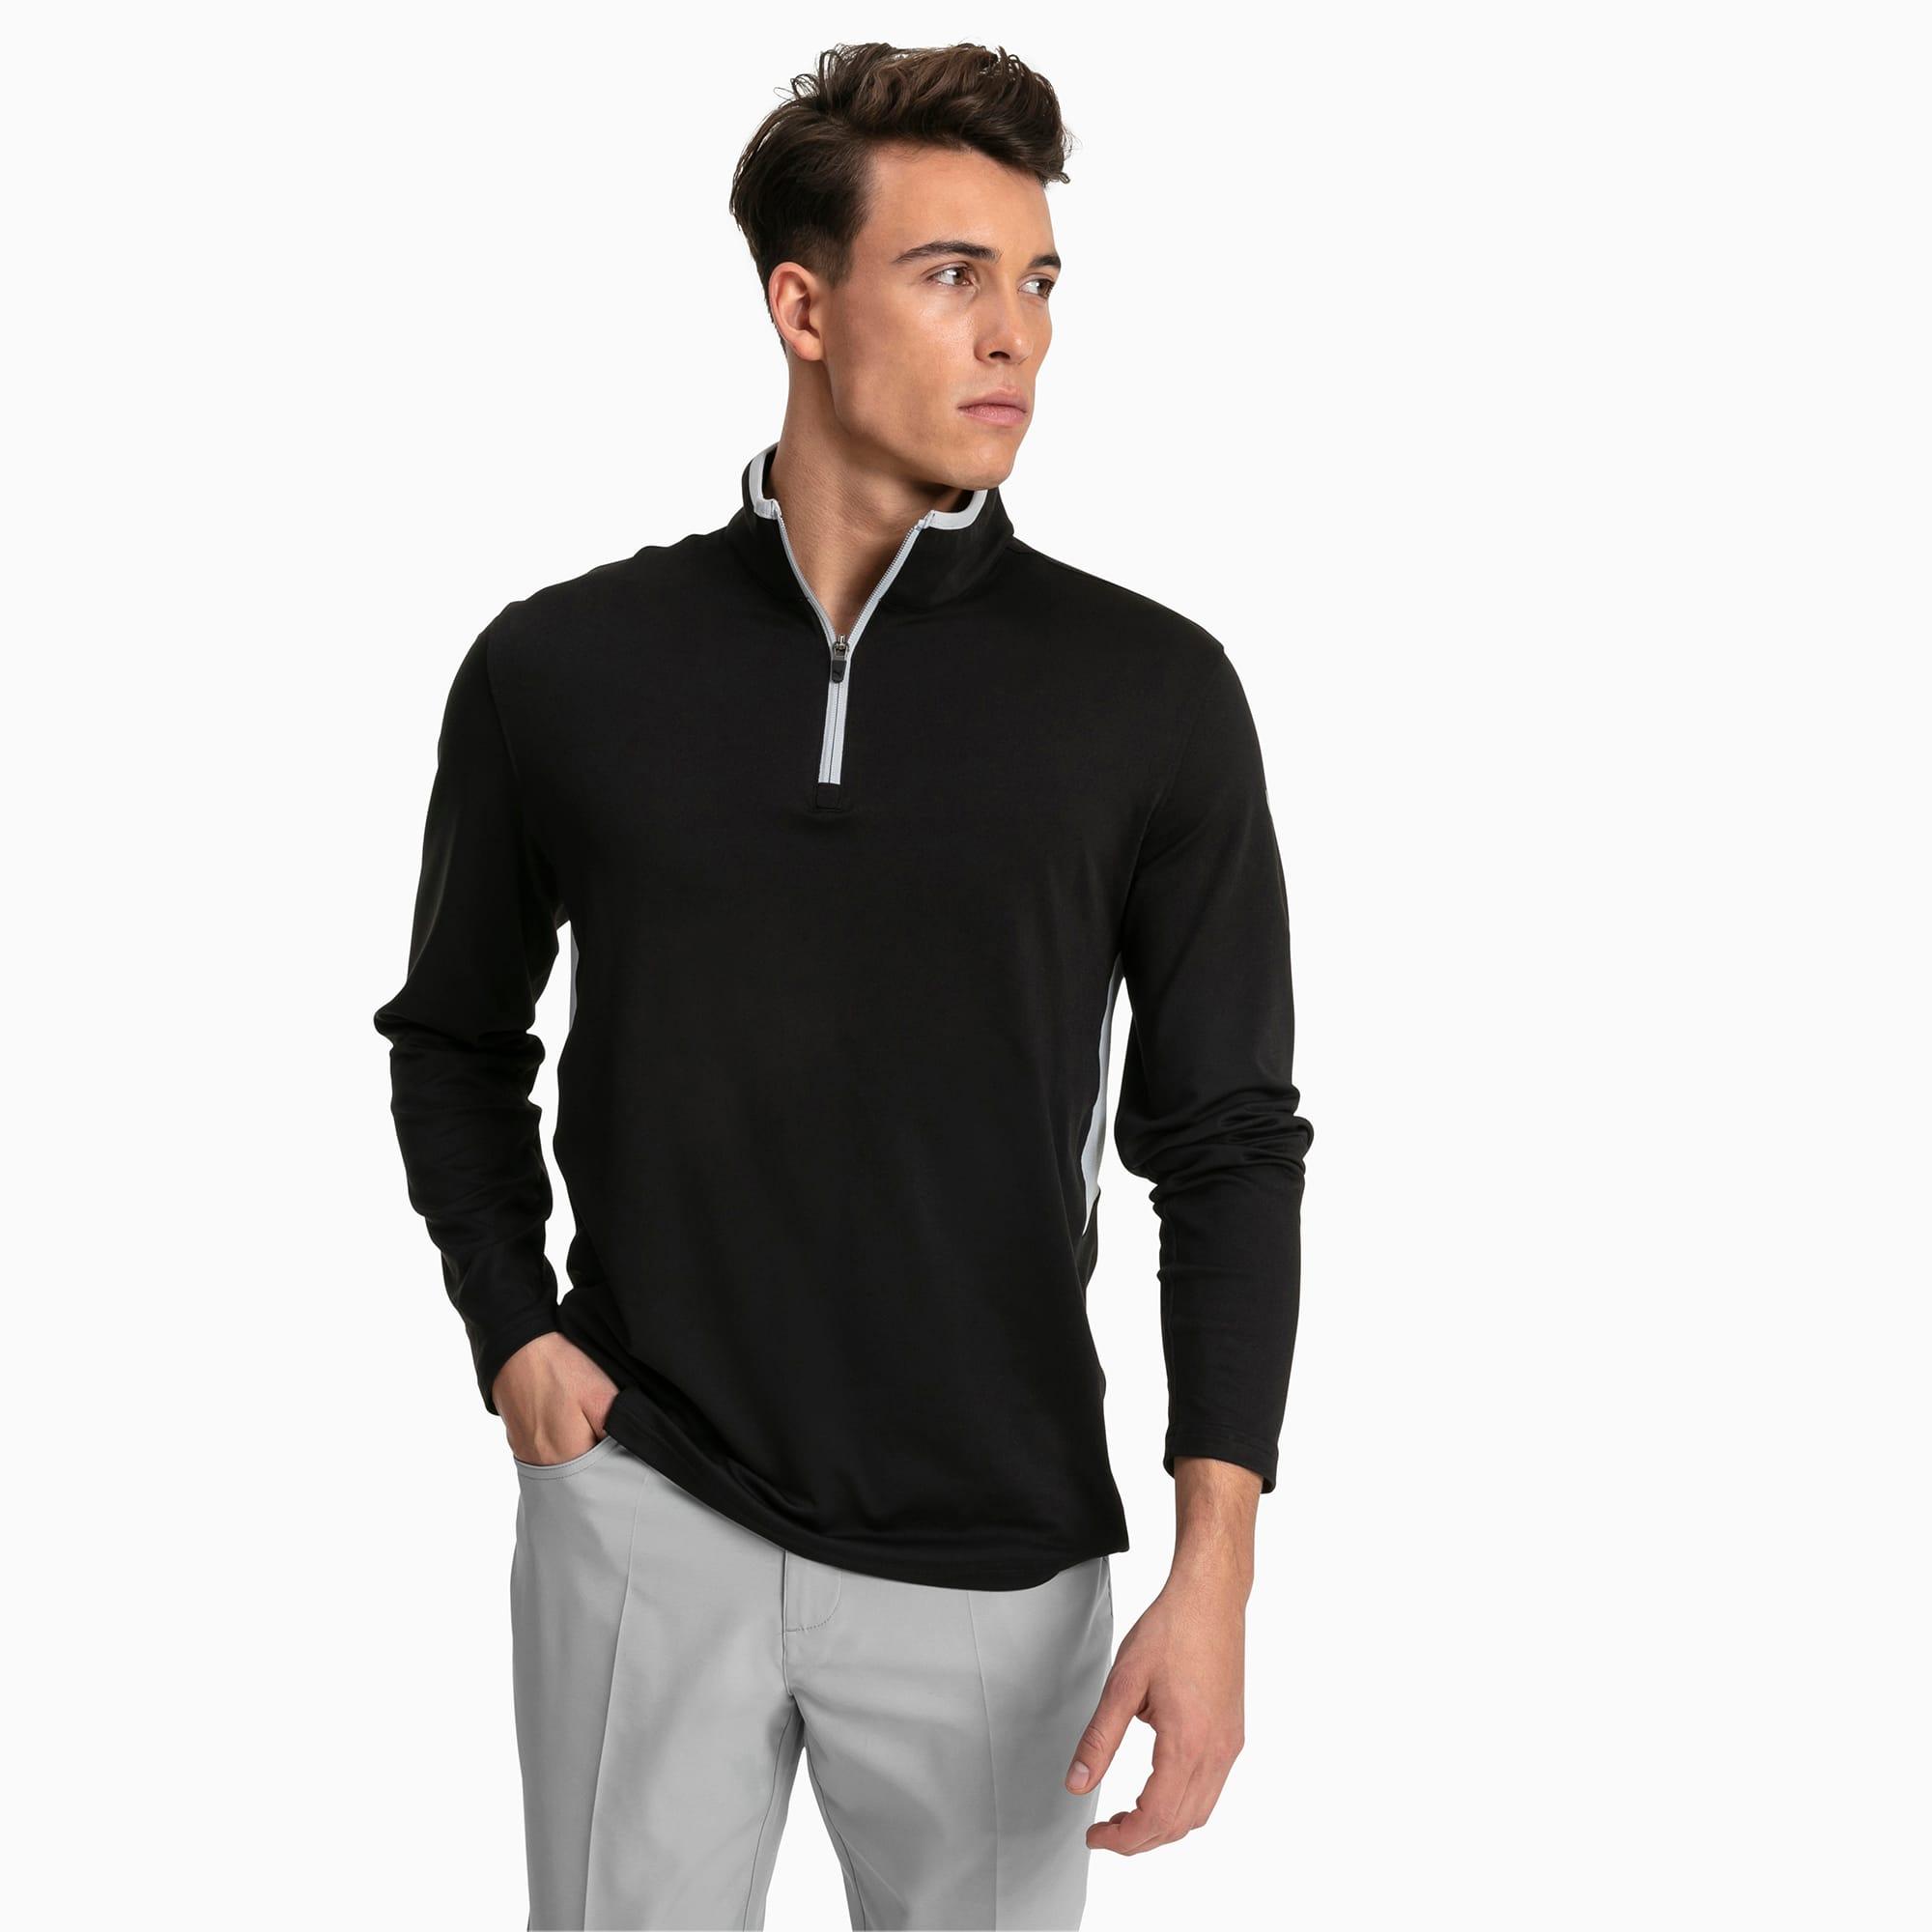 PUMA Pull de golf Rotation 1/4 Zip pour Homme, Noir, Taille L, Vêtements